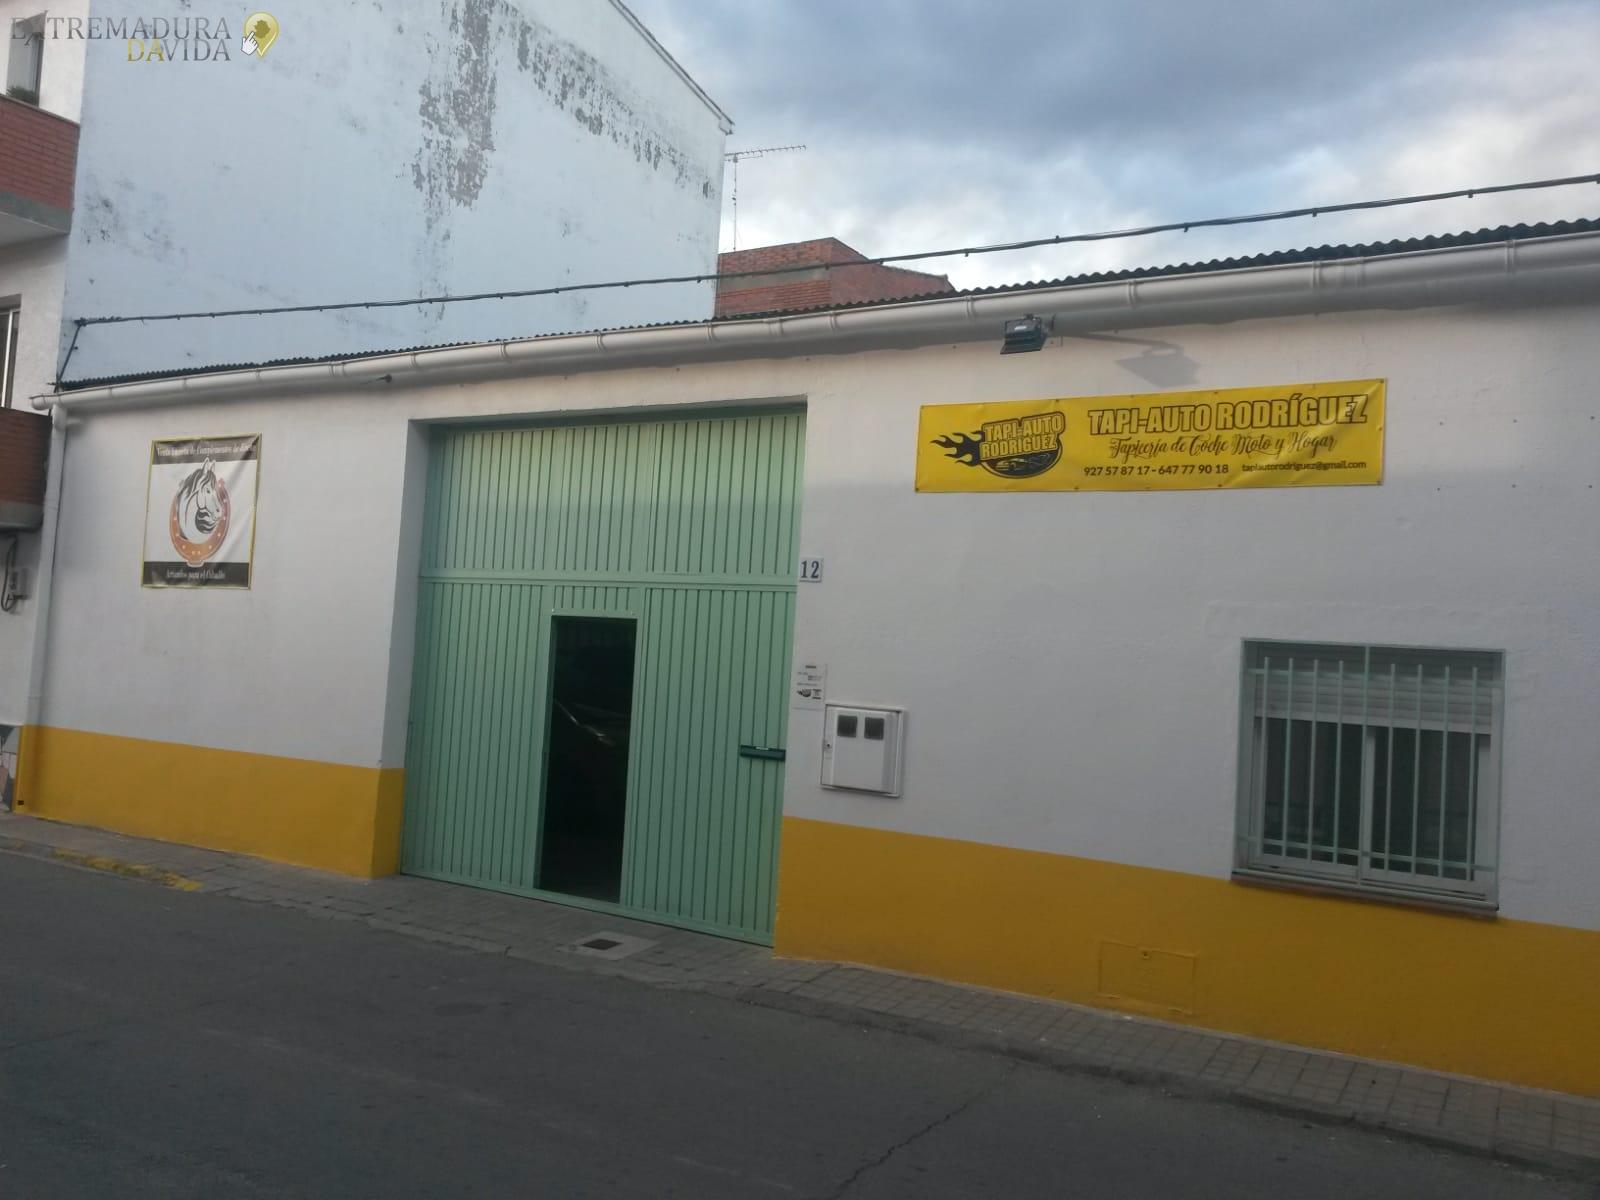 TAPICERIA NAVALMORAL TALAYUELA TAPIAUTO